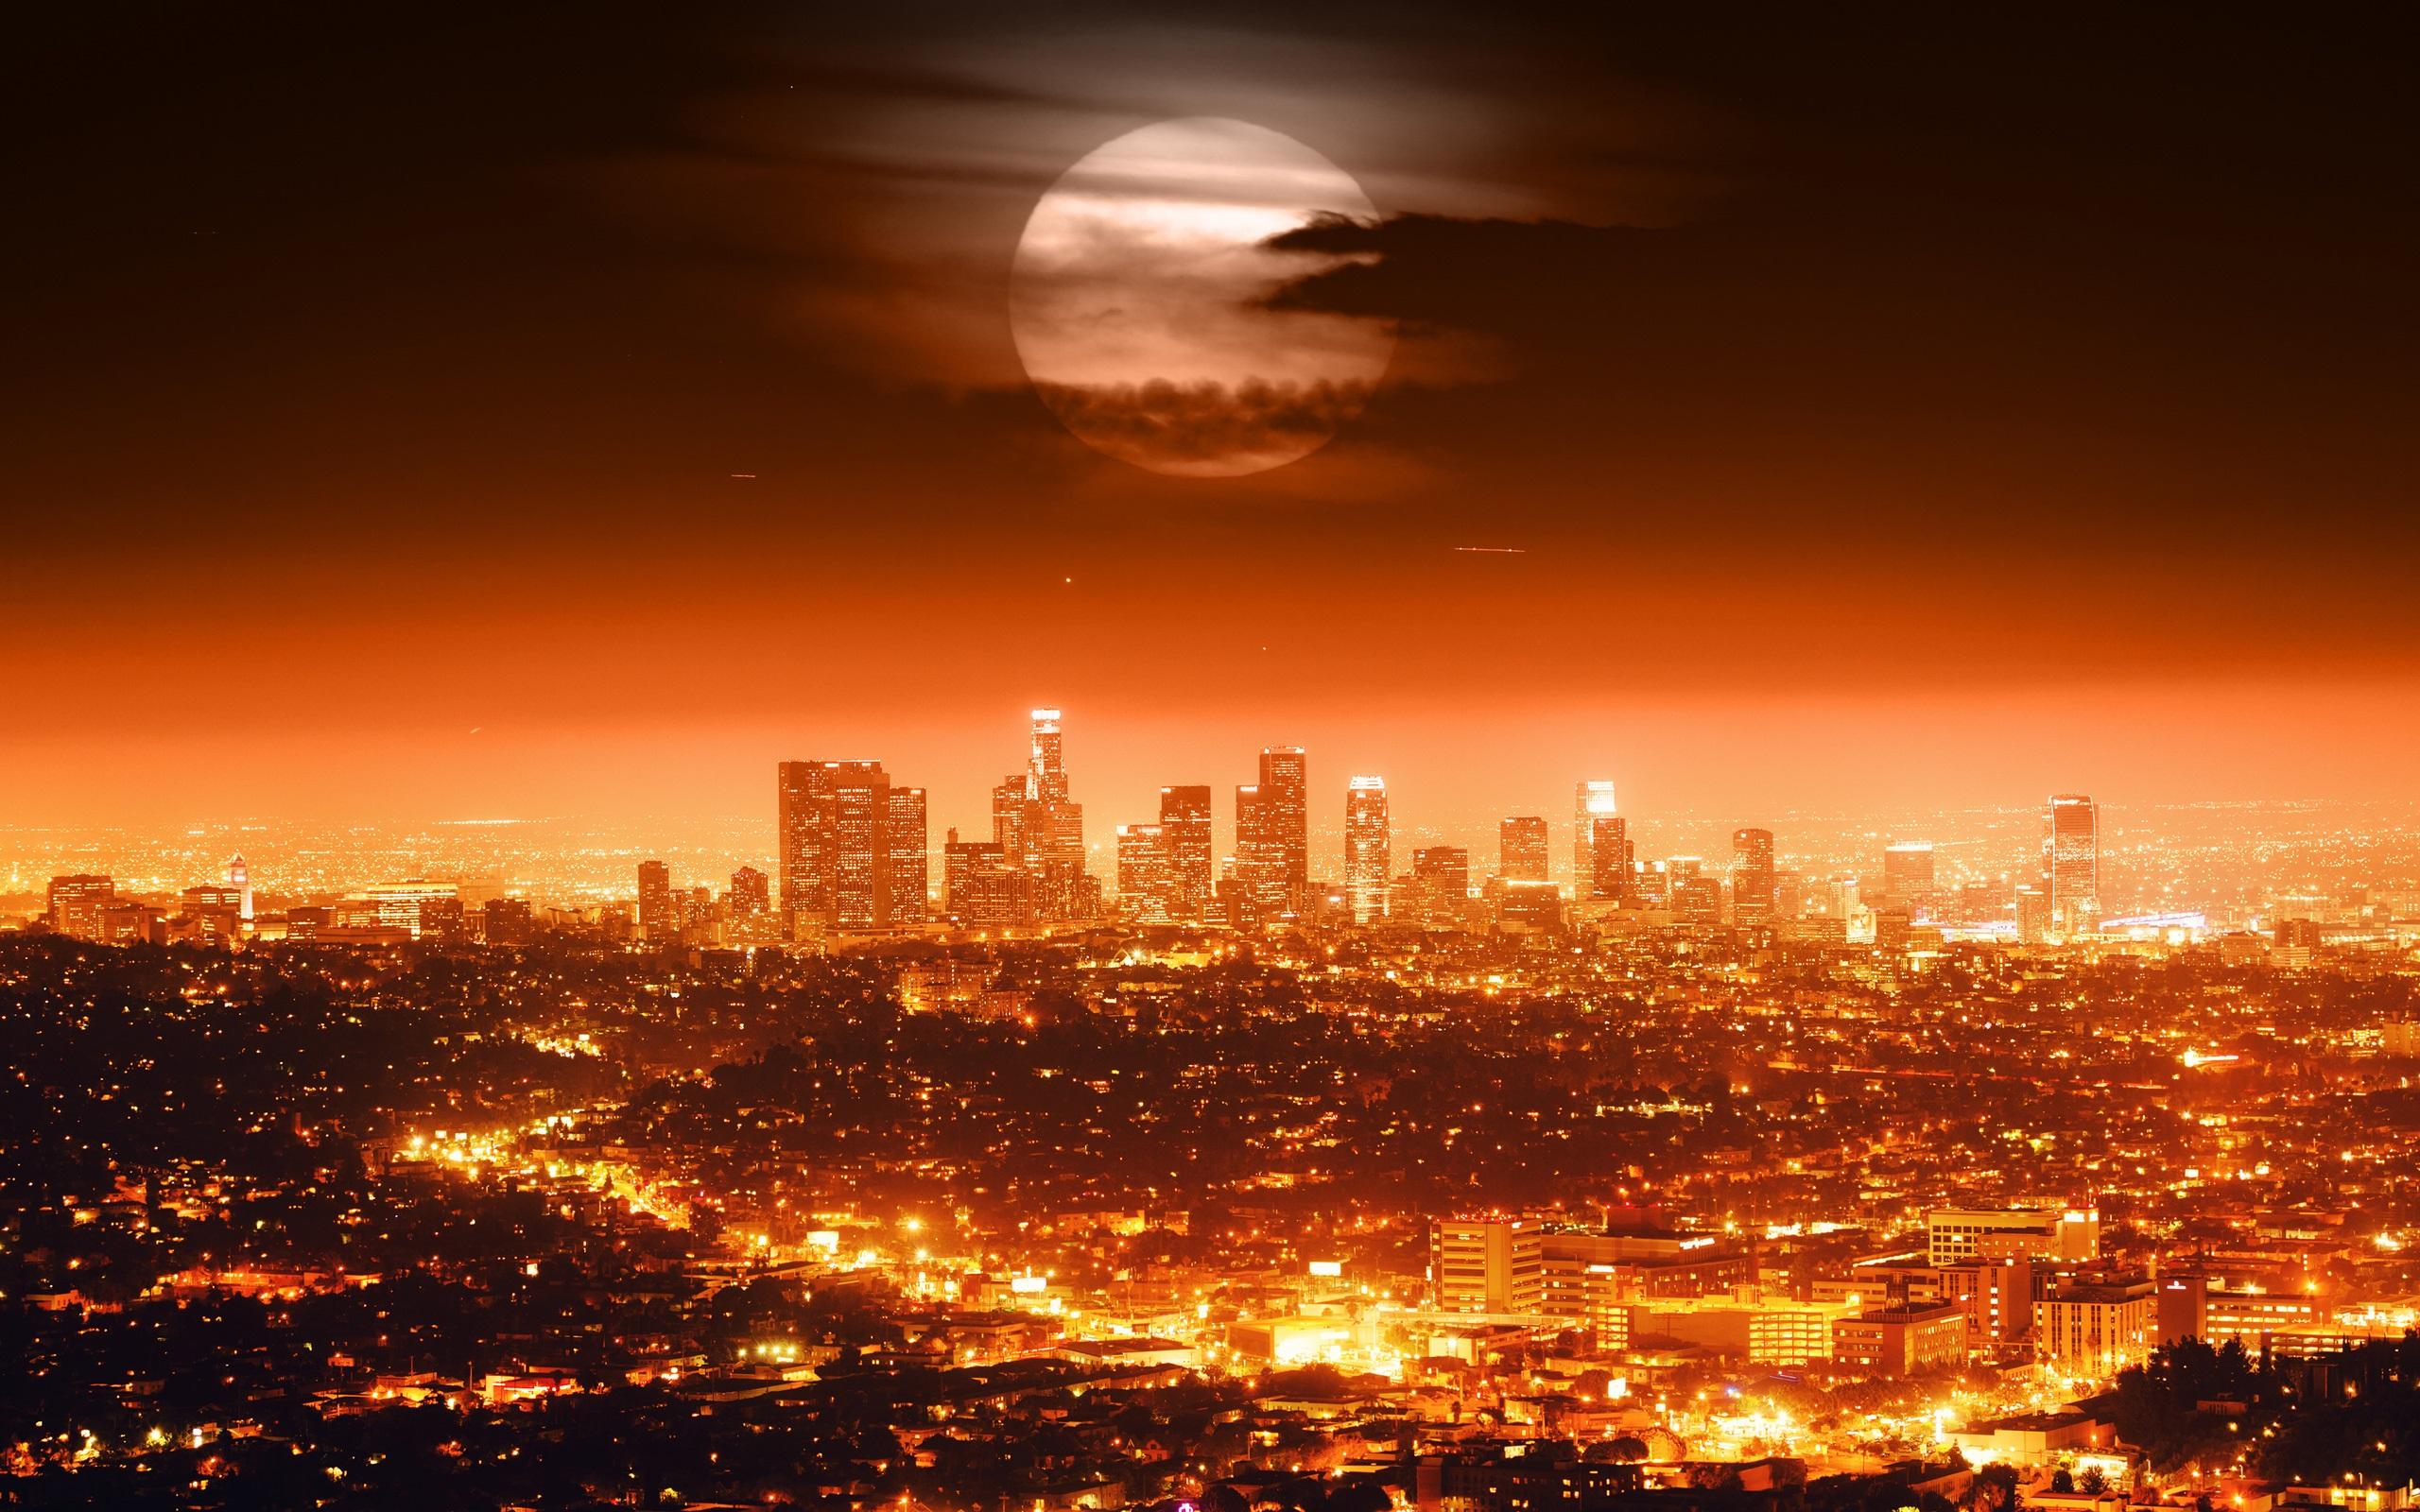 Vollmond Usa Los Angeles Nacht Stadt Lichter